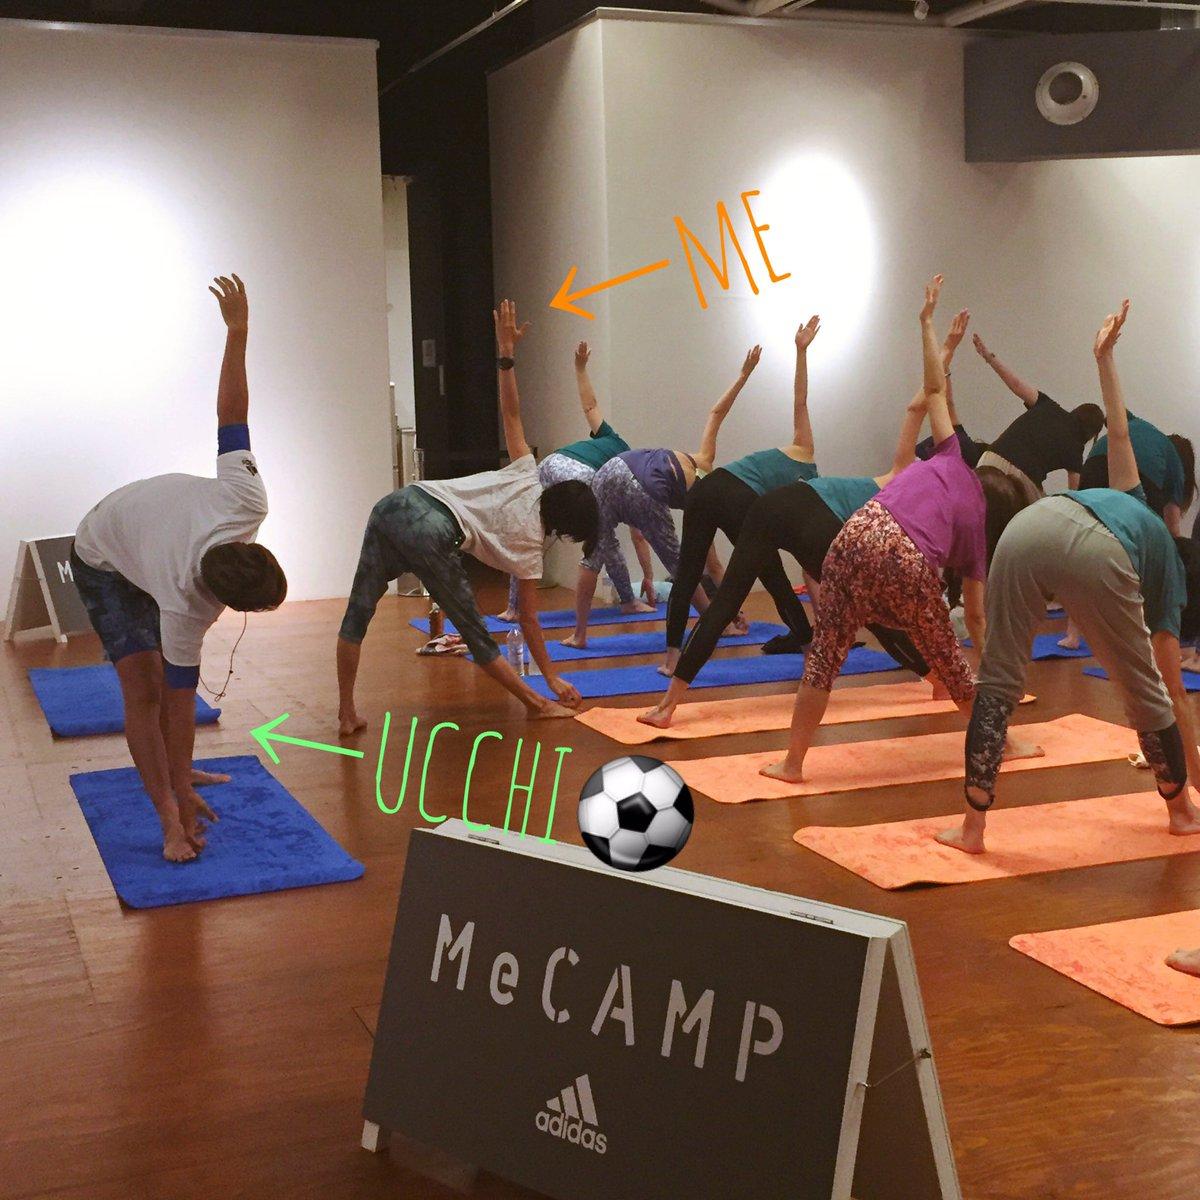 me-CAMPでお迎えしたサッカー日本代表の内田篤人選手は「ヨガをする女性は美意識が高くて、姿勢がイイというイメージ」とお話していました。また「姿勢は後ろ姿が印象的」とも。  もっとヨガ、がんばろっか @adidasWOM_jp https://t.co/mVAZZjsOXb